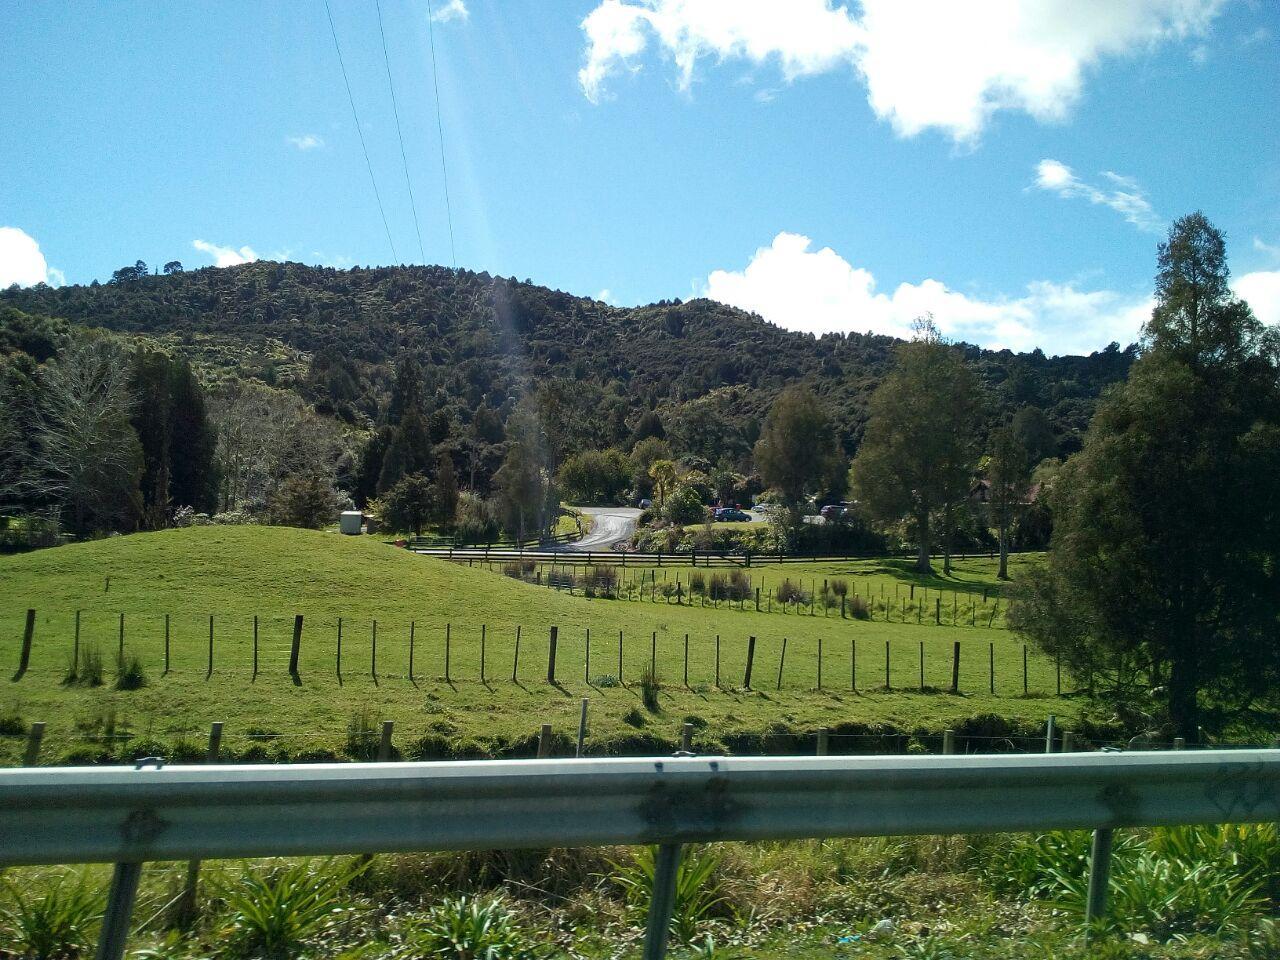 Sheepworld Caravan Park & Camping